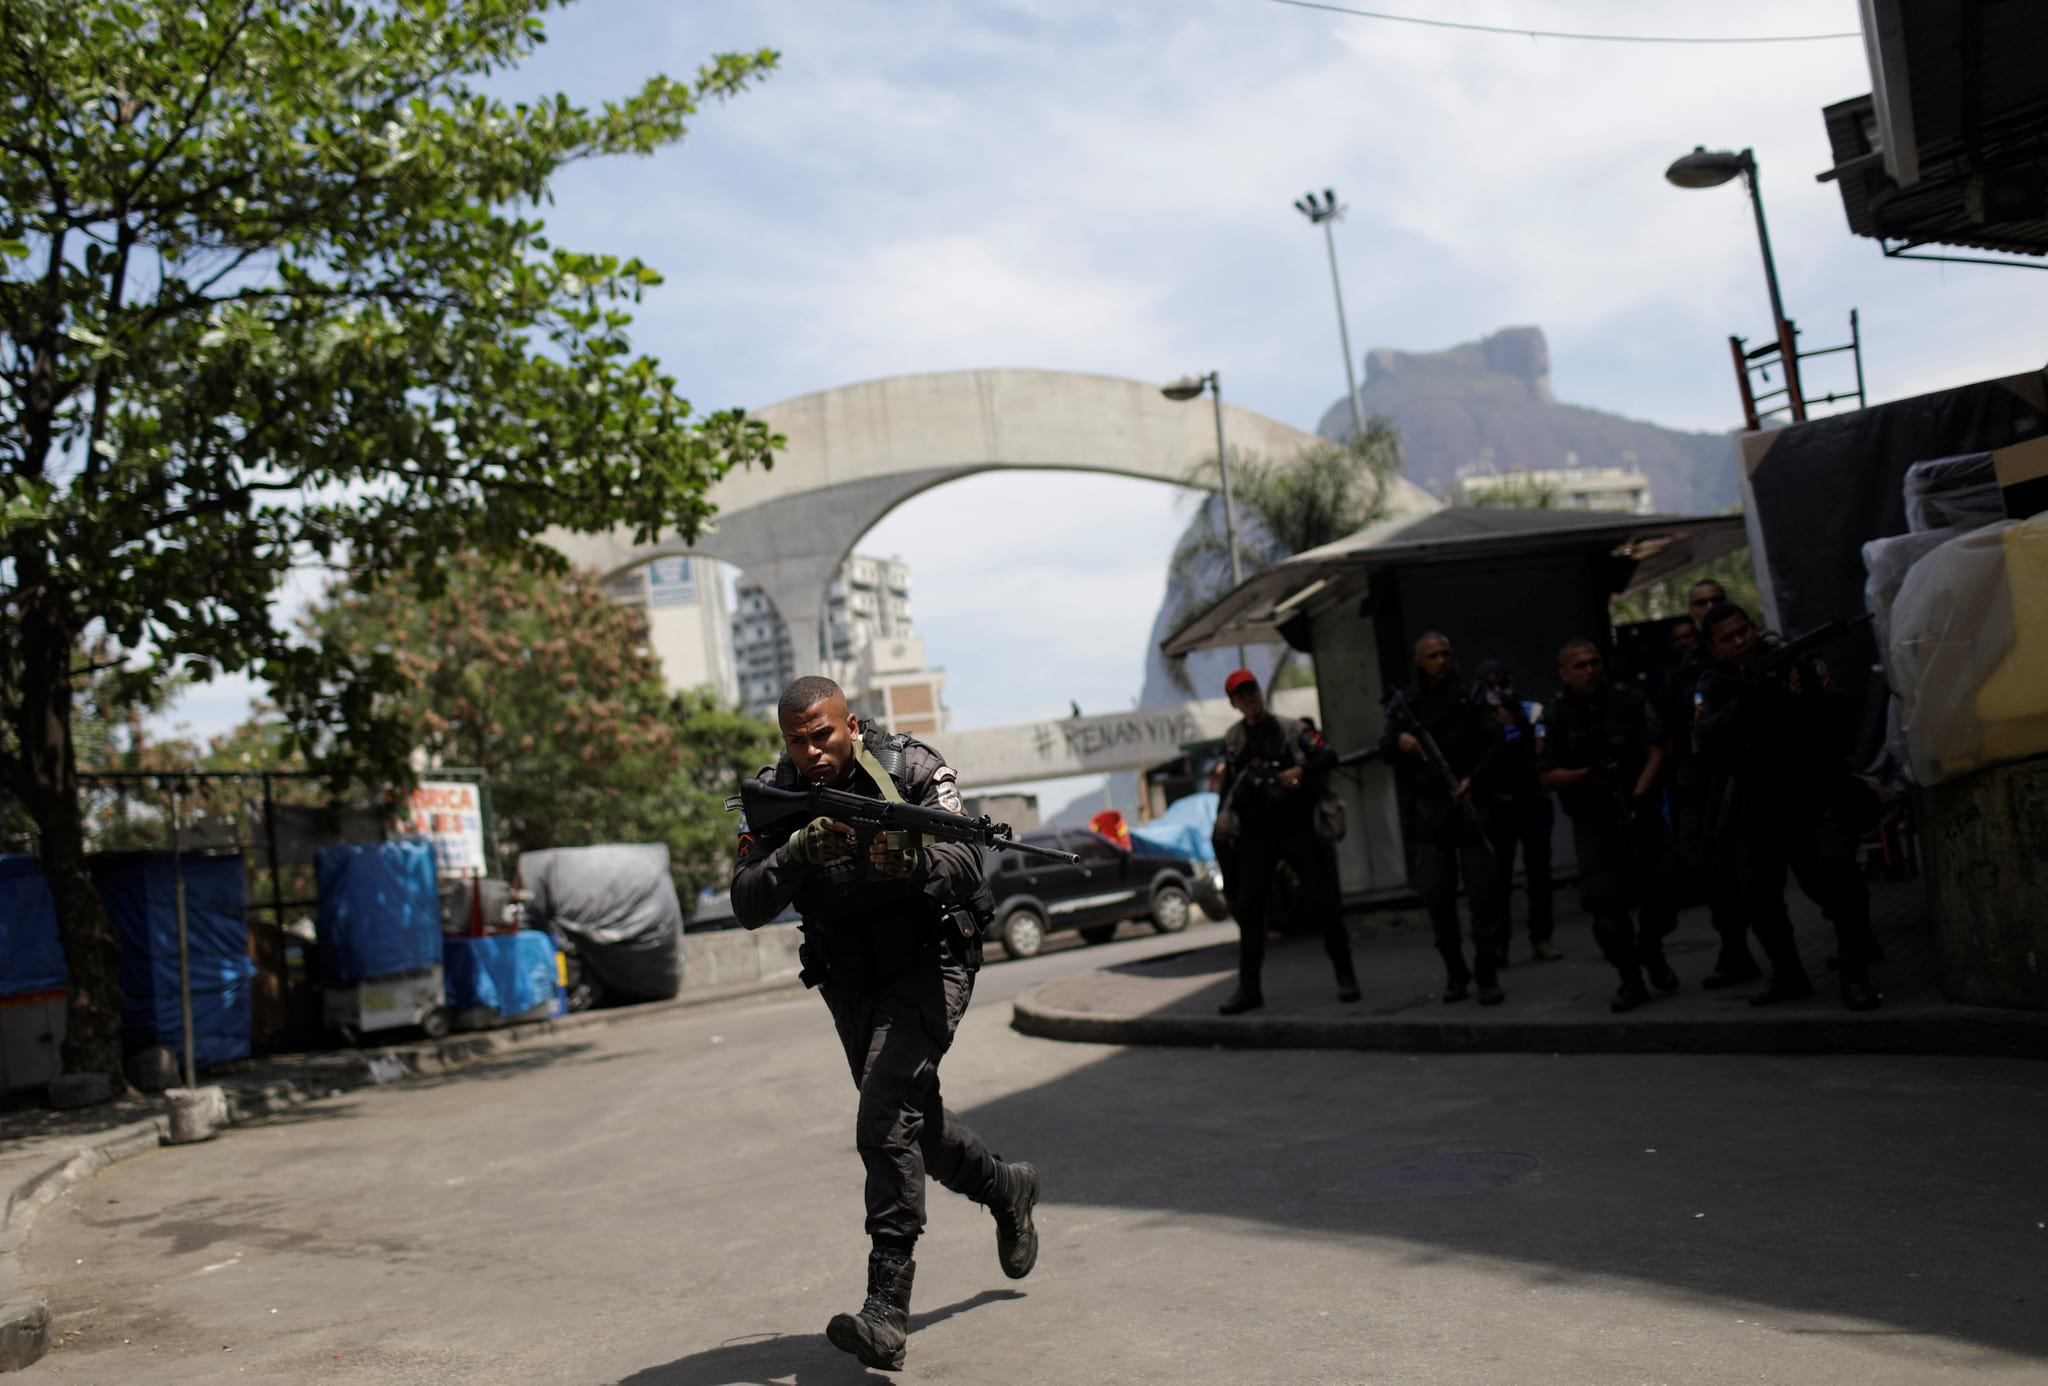 PÚBLICO - Depois de cinco dias de confrontos, exército sai à rua para cercar favela no Rio de Janeiro